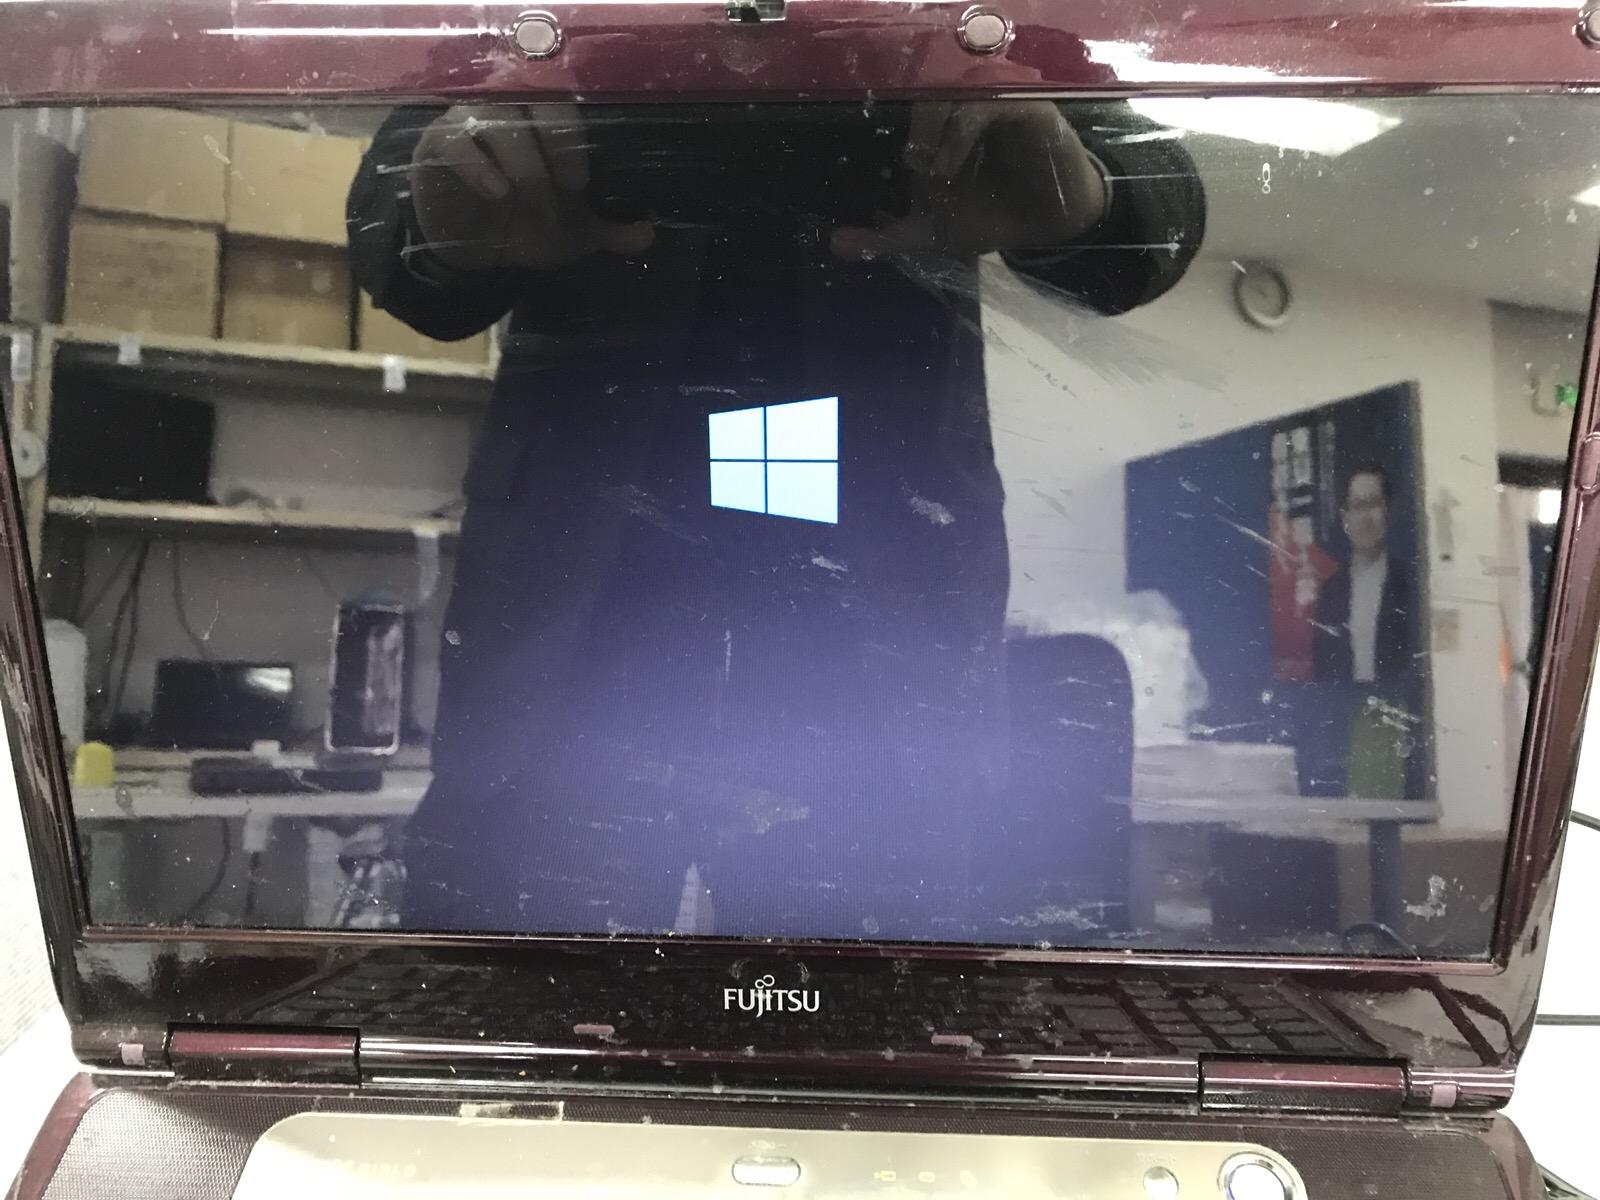 福岡県福岡市 ノートパソコンが起動しない/富士通 Windows 10のイメージ